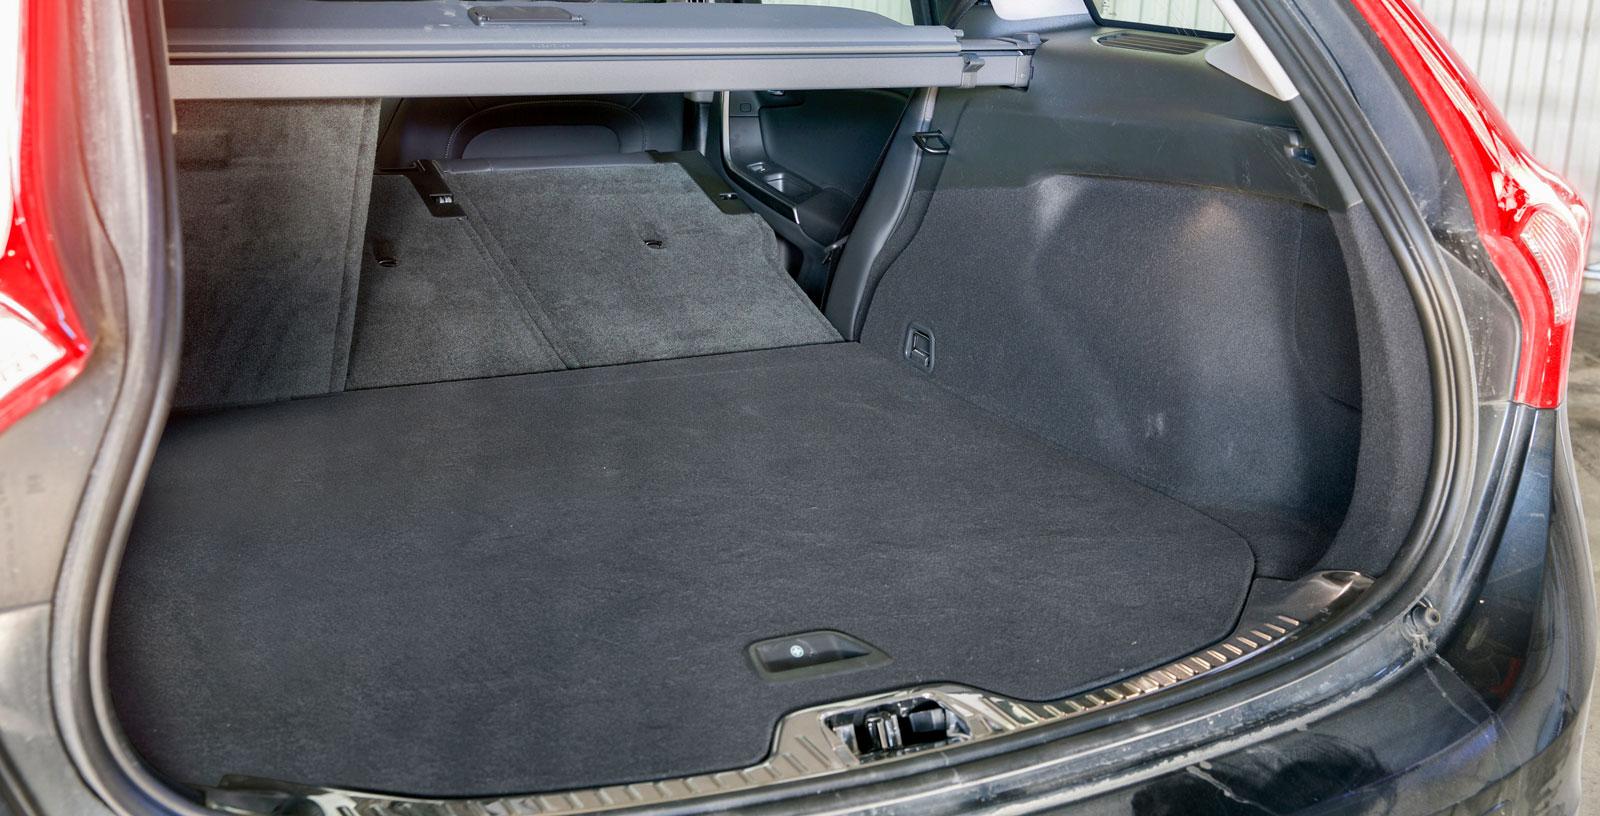 Volvos bagageutrymme är inskränkt både med uppfällt och nedfällt baksäte. Insynsskyddet är dessutom av betydligt simplare sort än i de tyska bilarna. Under golvet finns ett bra förvaringsfack och golvmattan är lätt att dammsuga ren.